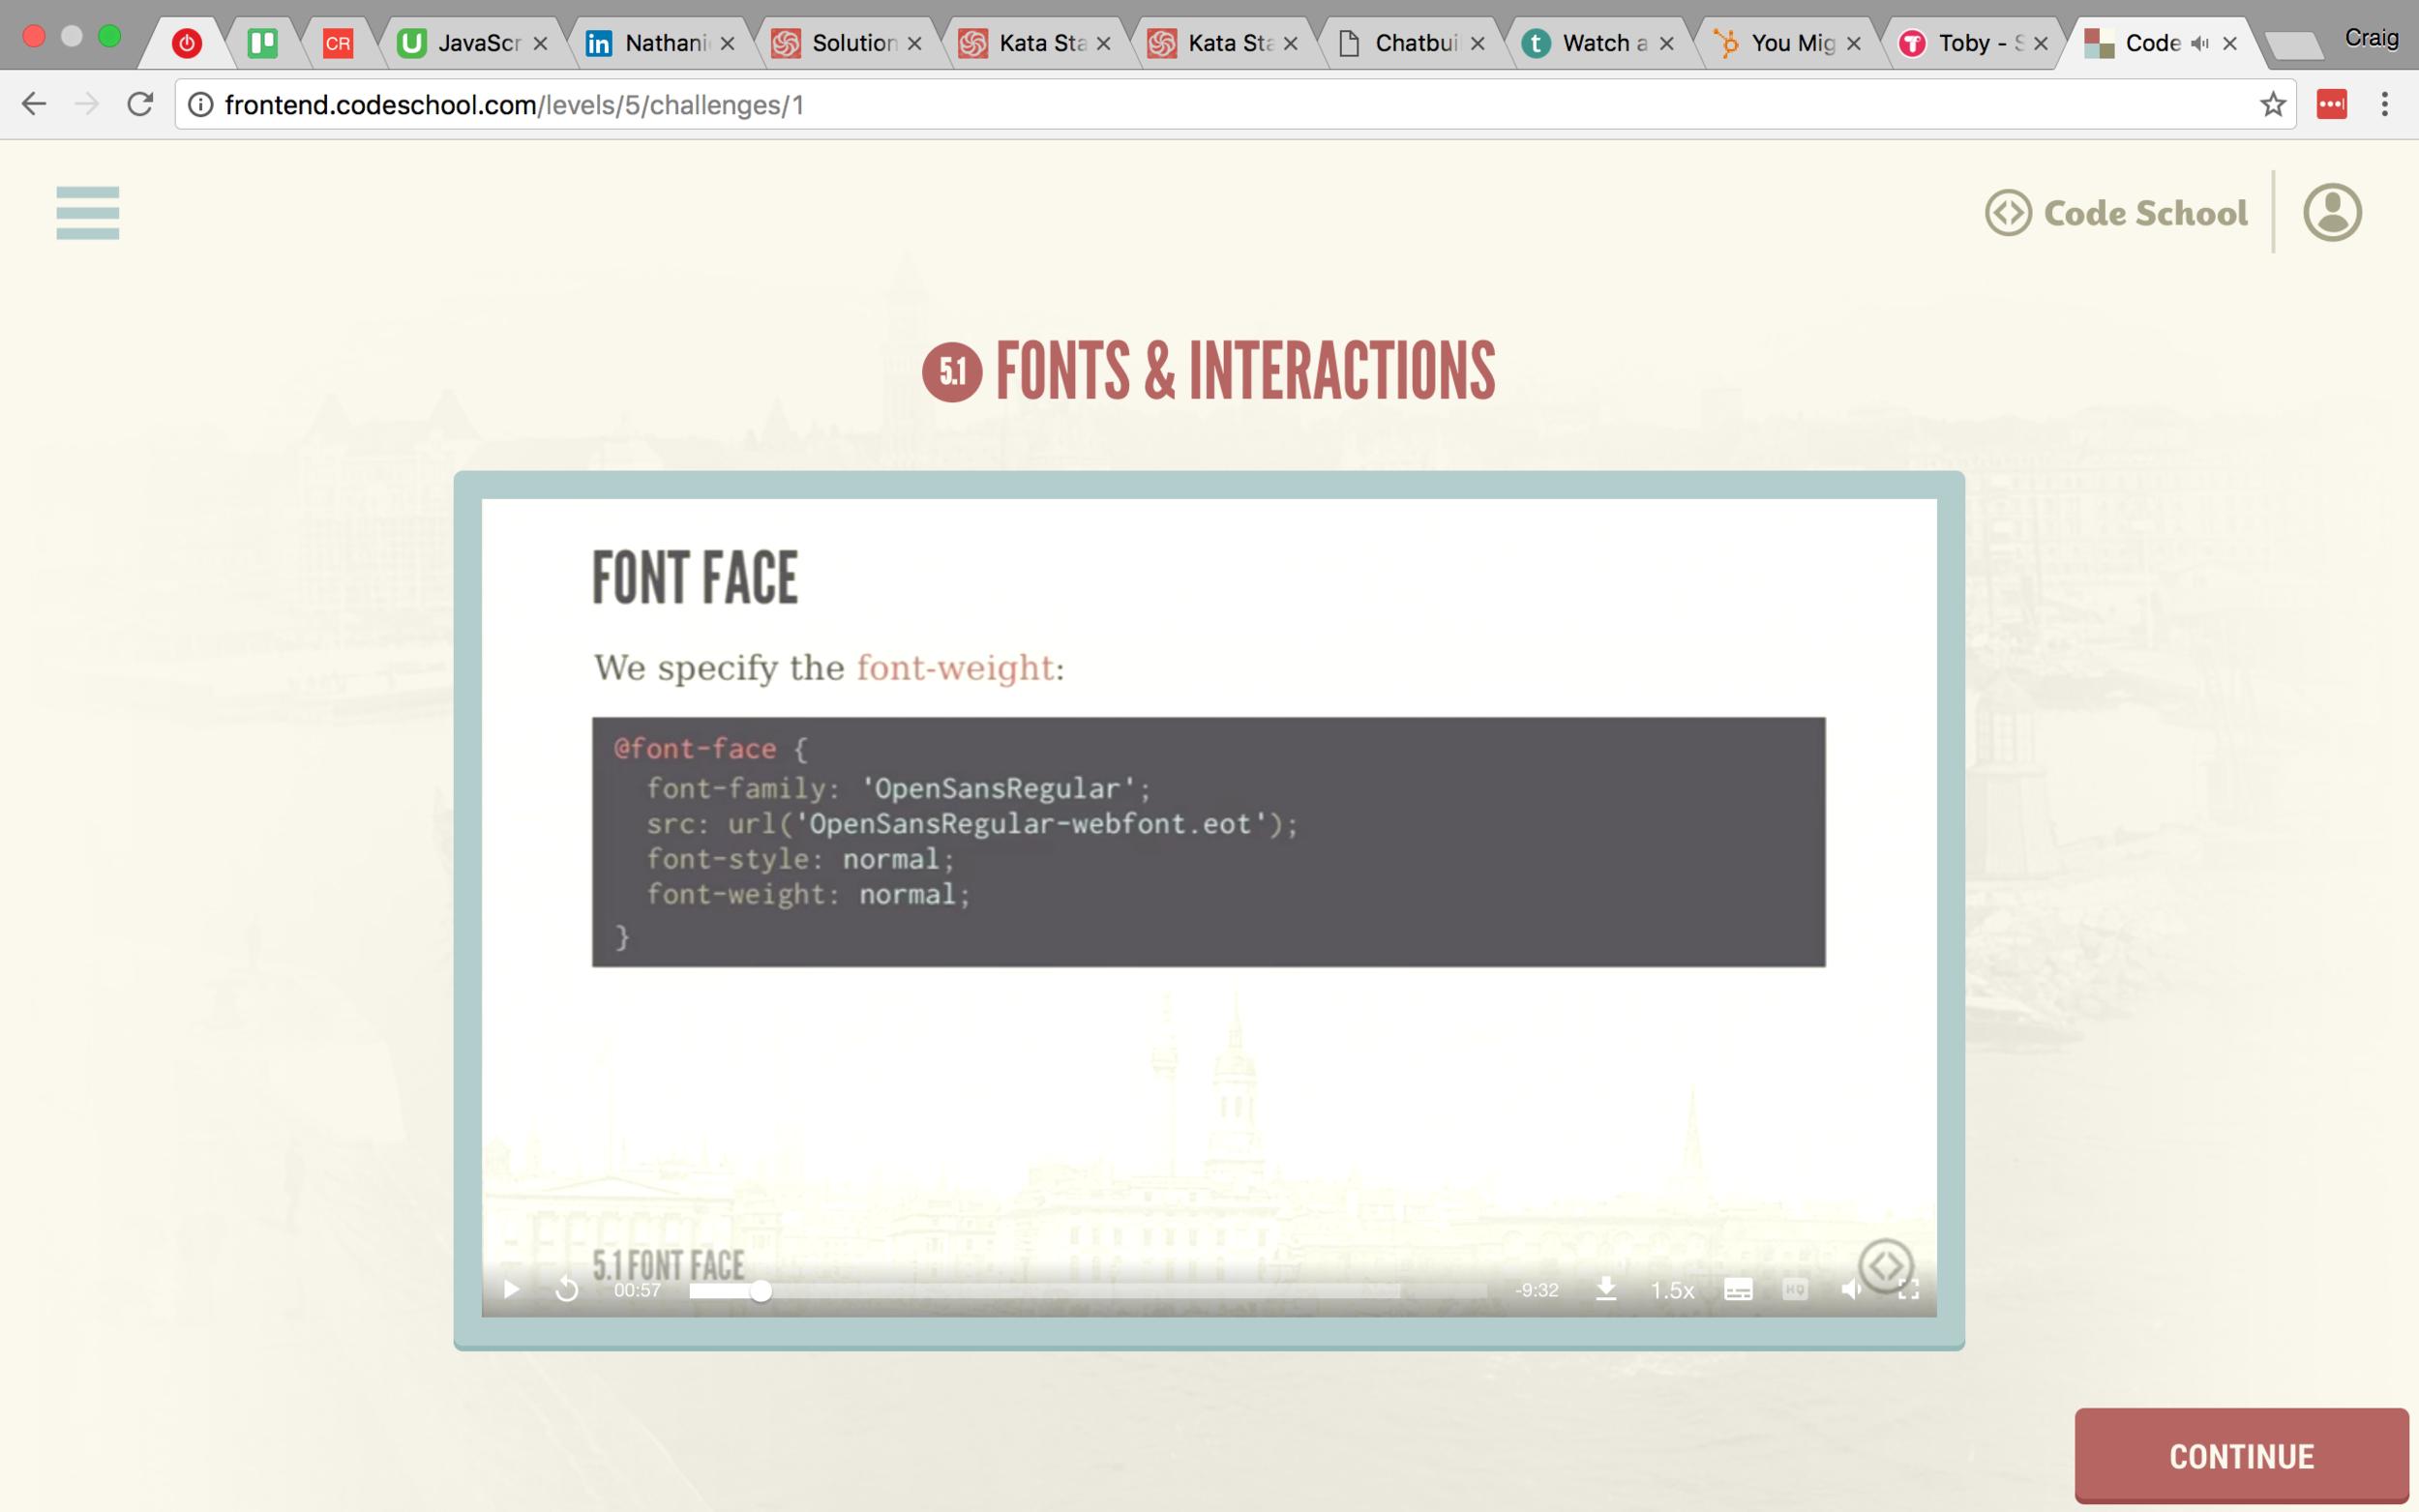 Font Face